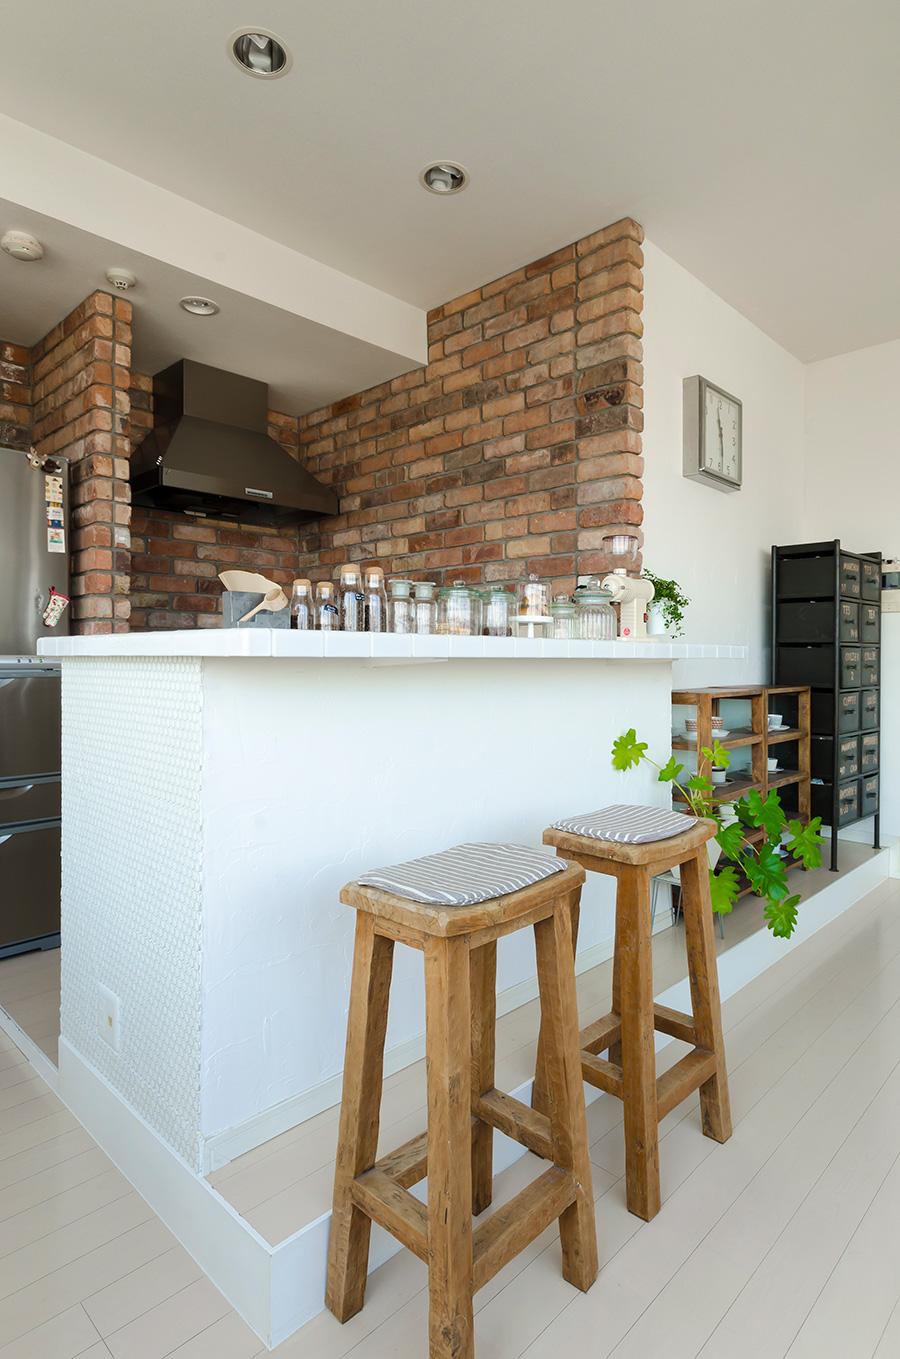 キッチンカウンターの側面は、コーヒーがはねても染みにならないよう白いタイルをDIYで貼った。